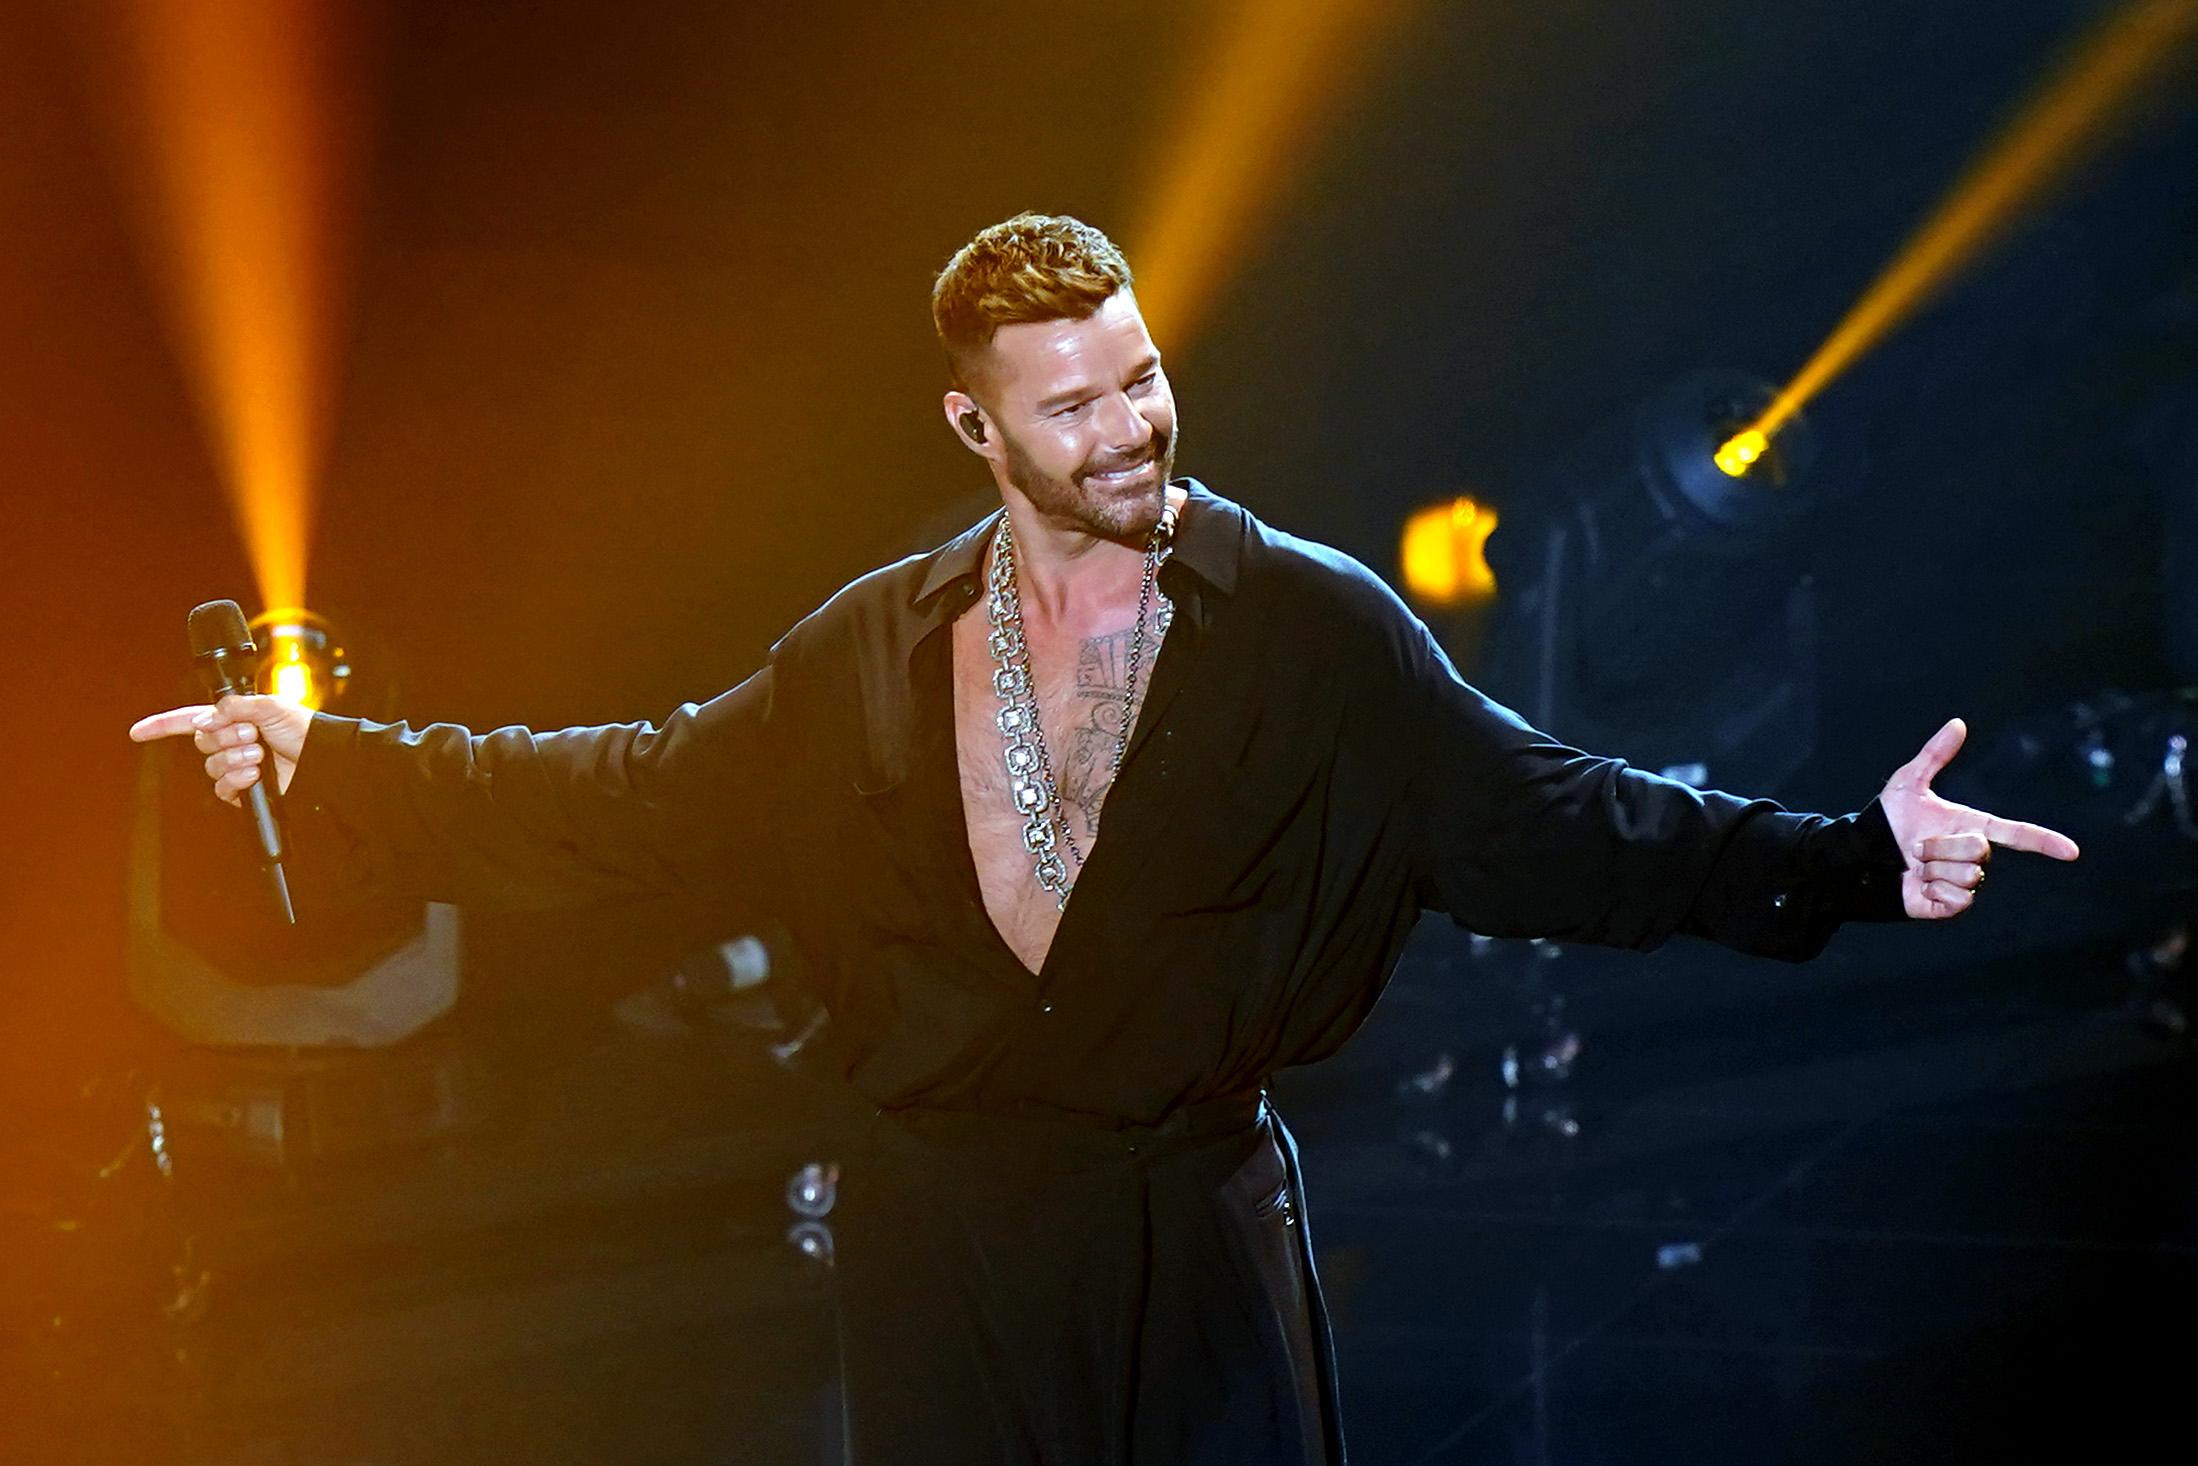 Ricky Martin, un ídolo sin fecha de caducidad que rompe barreras